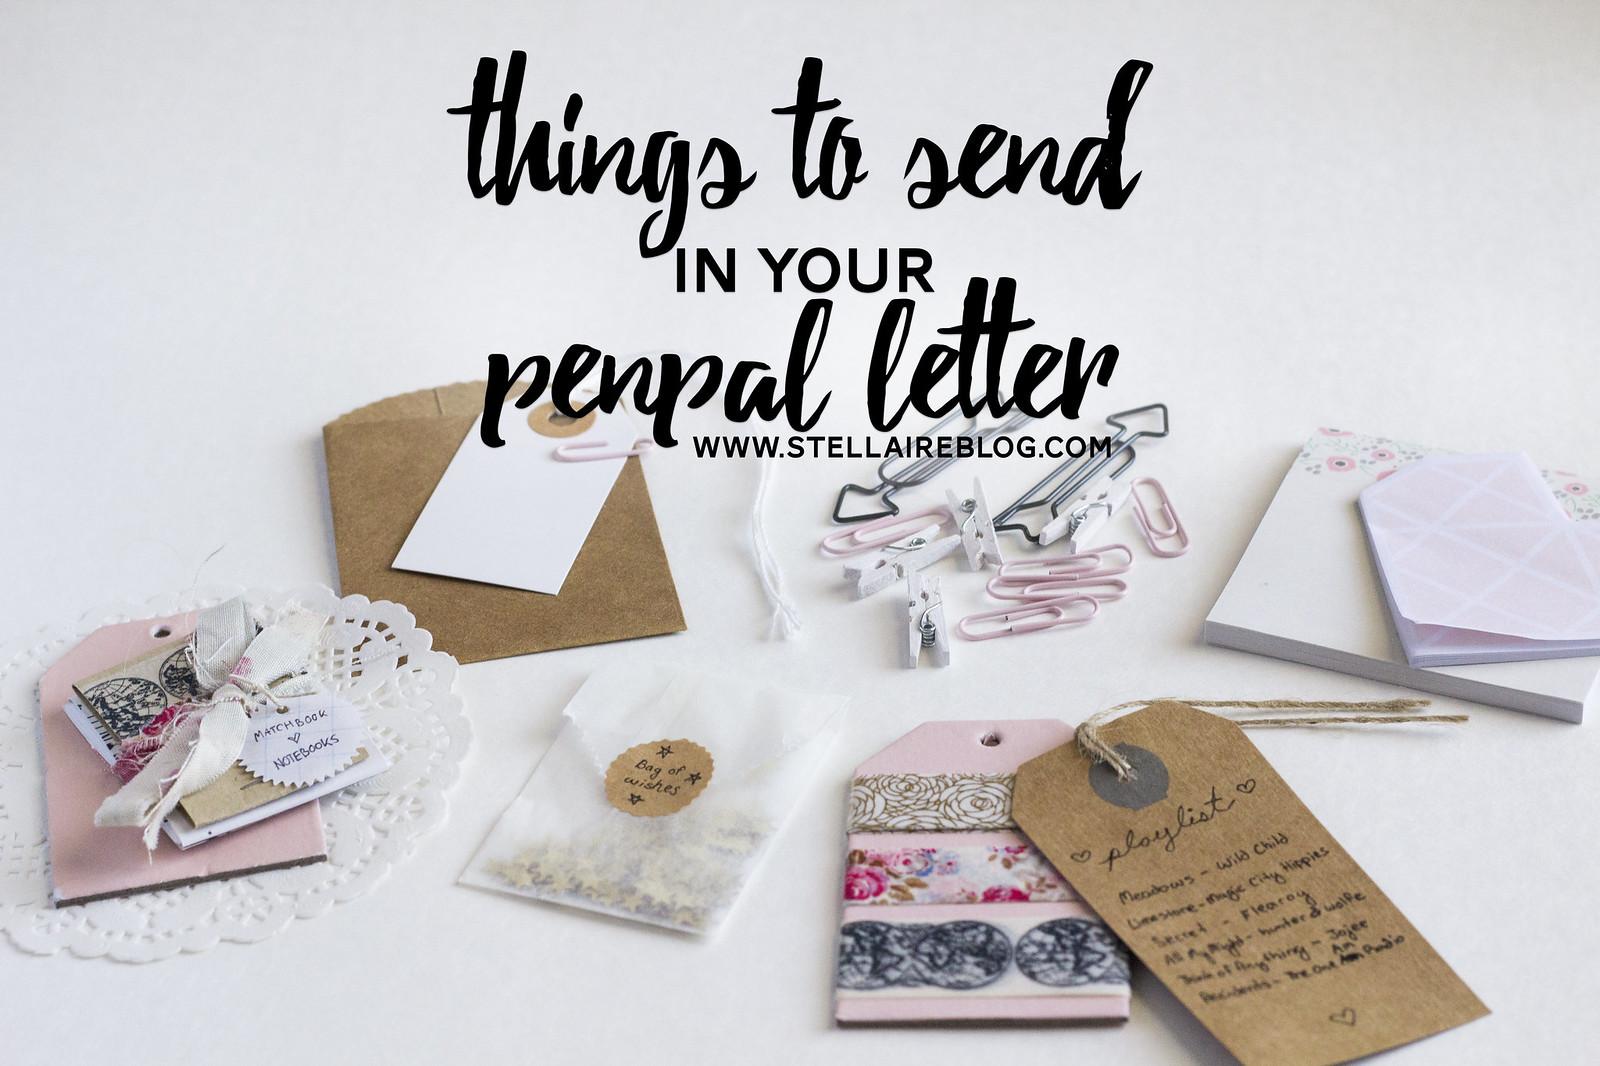 Stellaire  Penpal Letter Guide  2